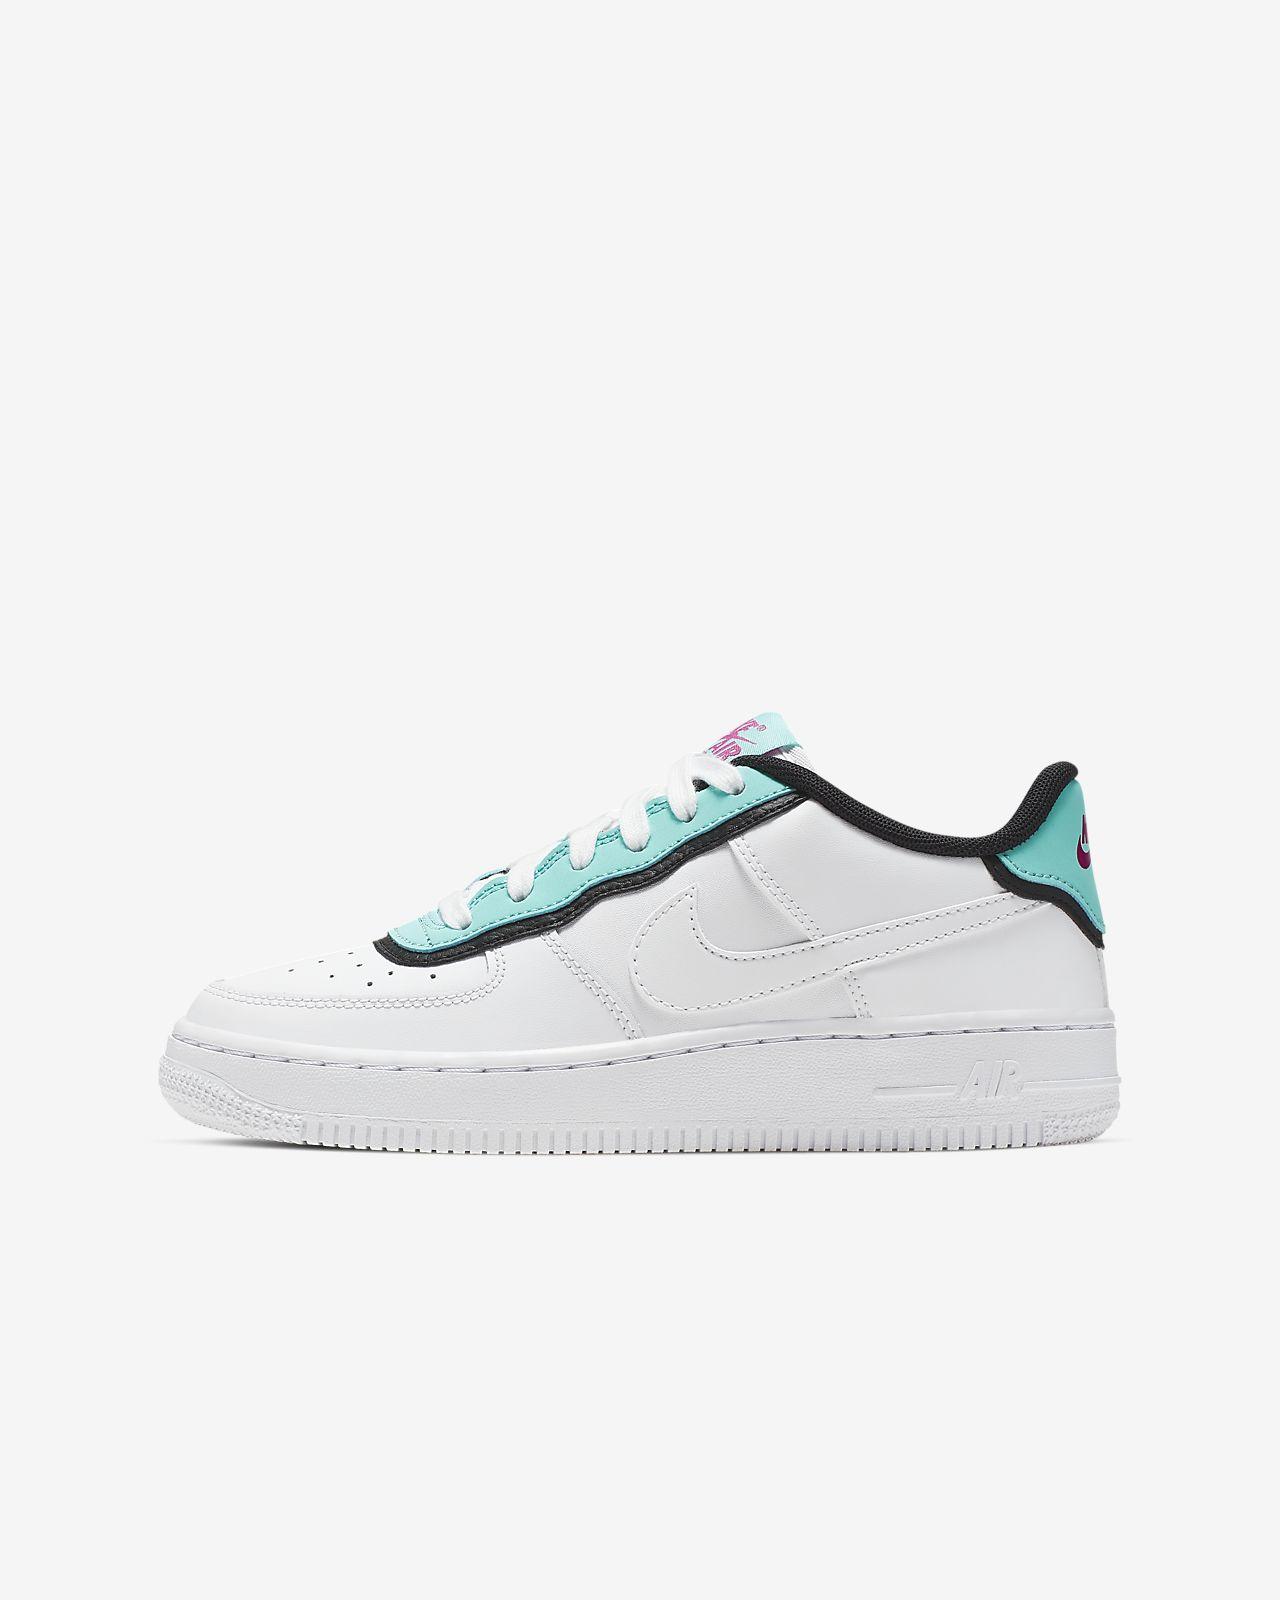 outlet store 44fc0 78f38 ... Chaussure Nike Air Force 1 LV8 1 DBL pour Enfant plus âgé